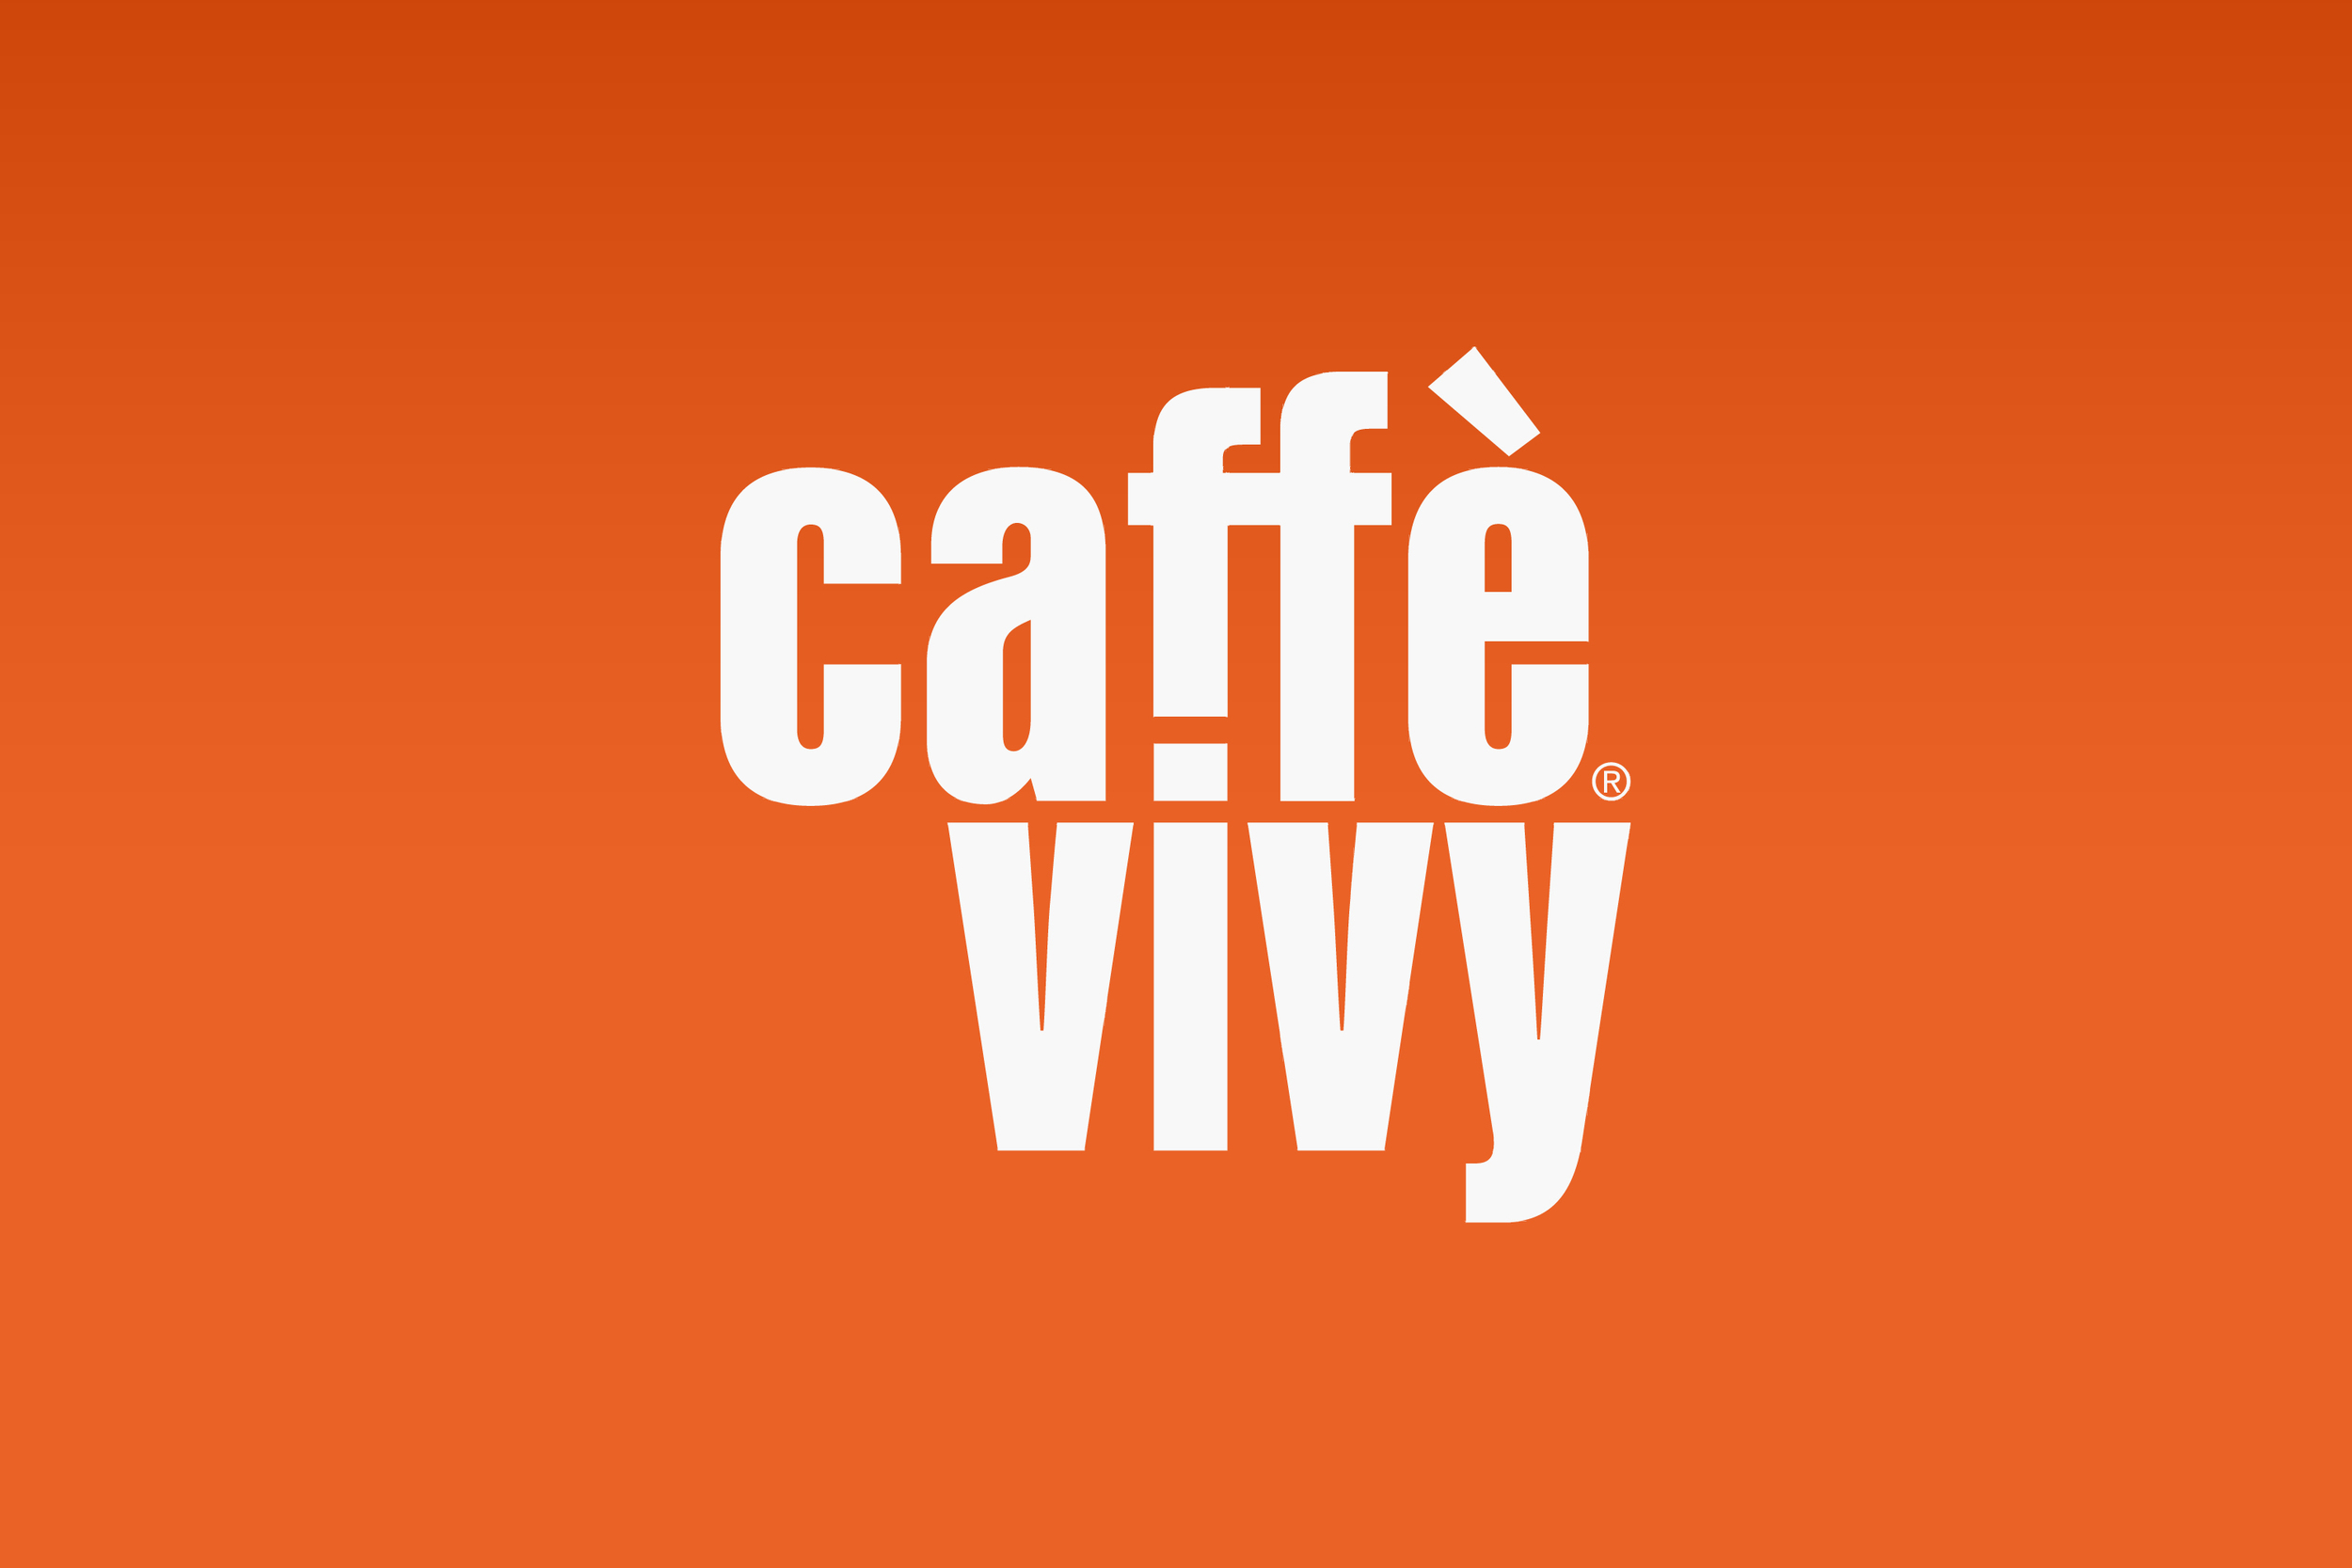 caffè vivy Sseyfert